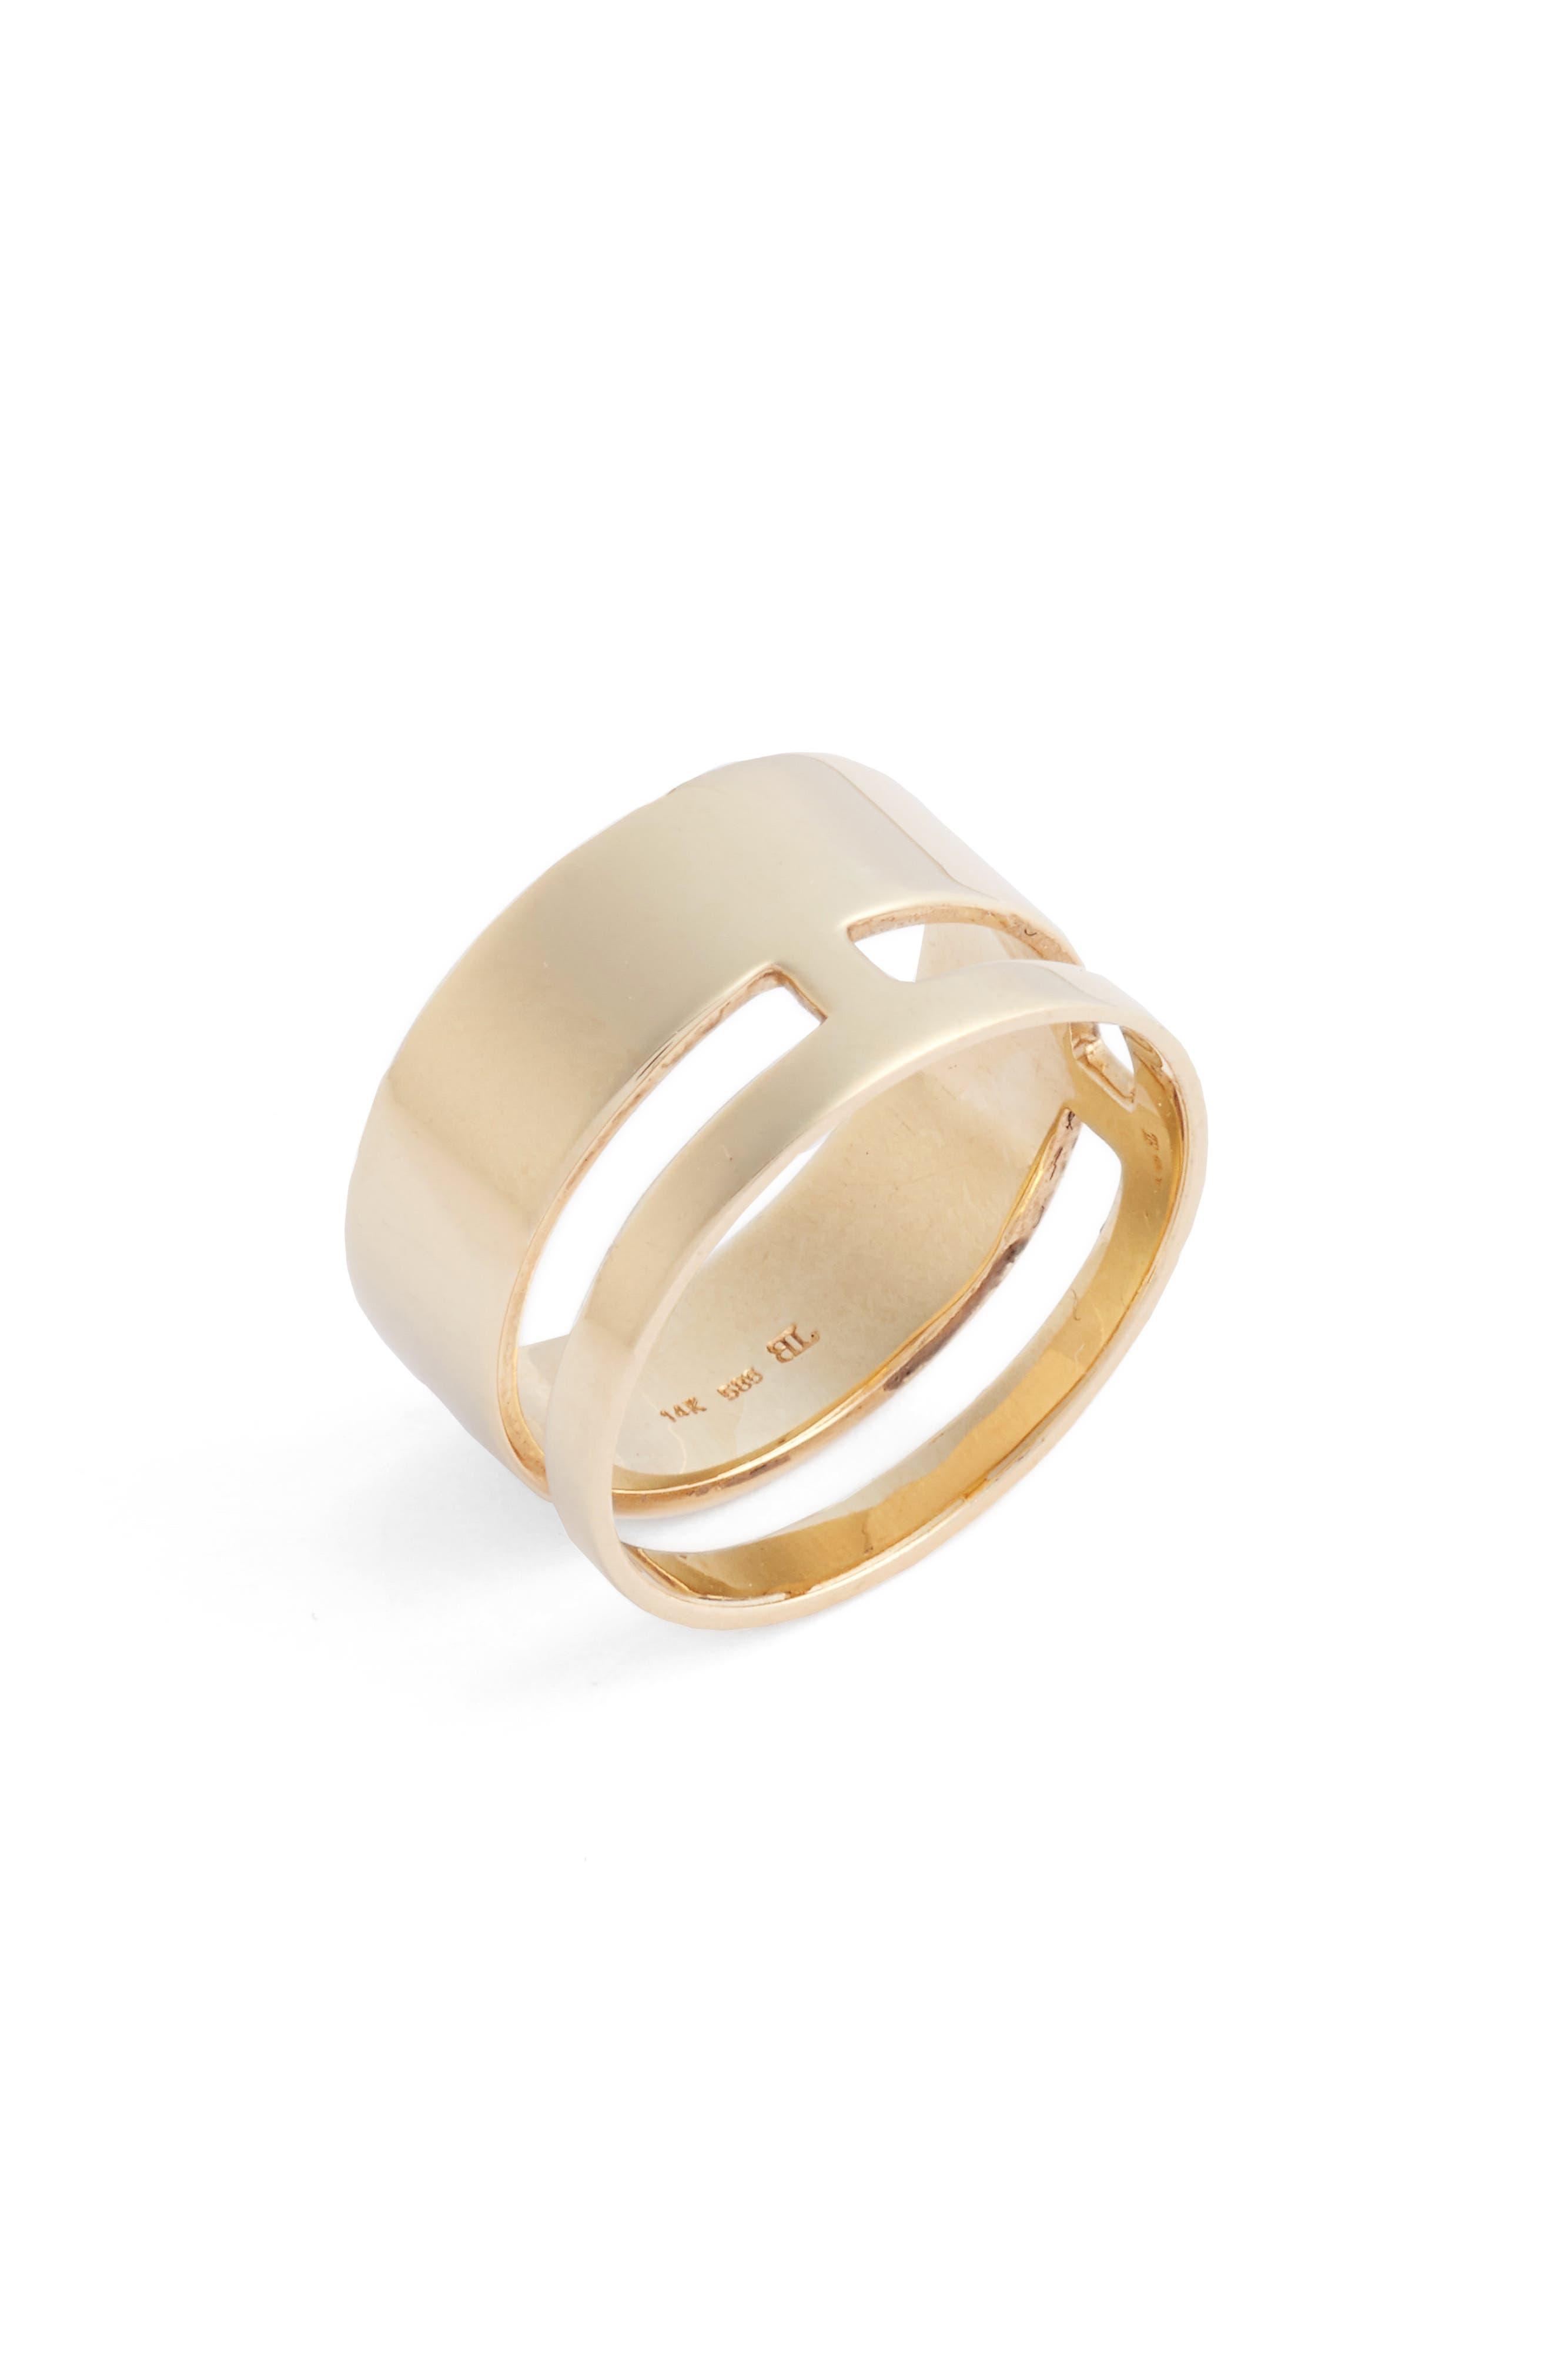 Ofira Bold 14K Gold Ring,                             Main thumbnail 1, color,                             Yellow Gold